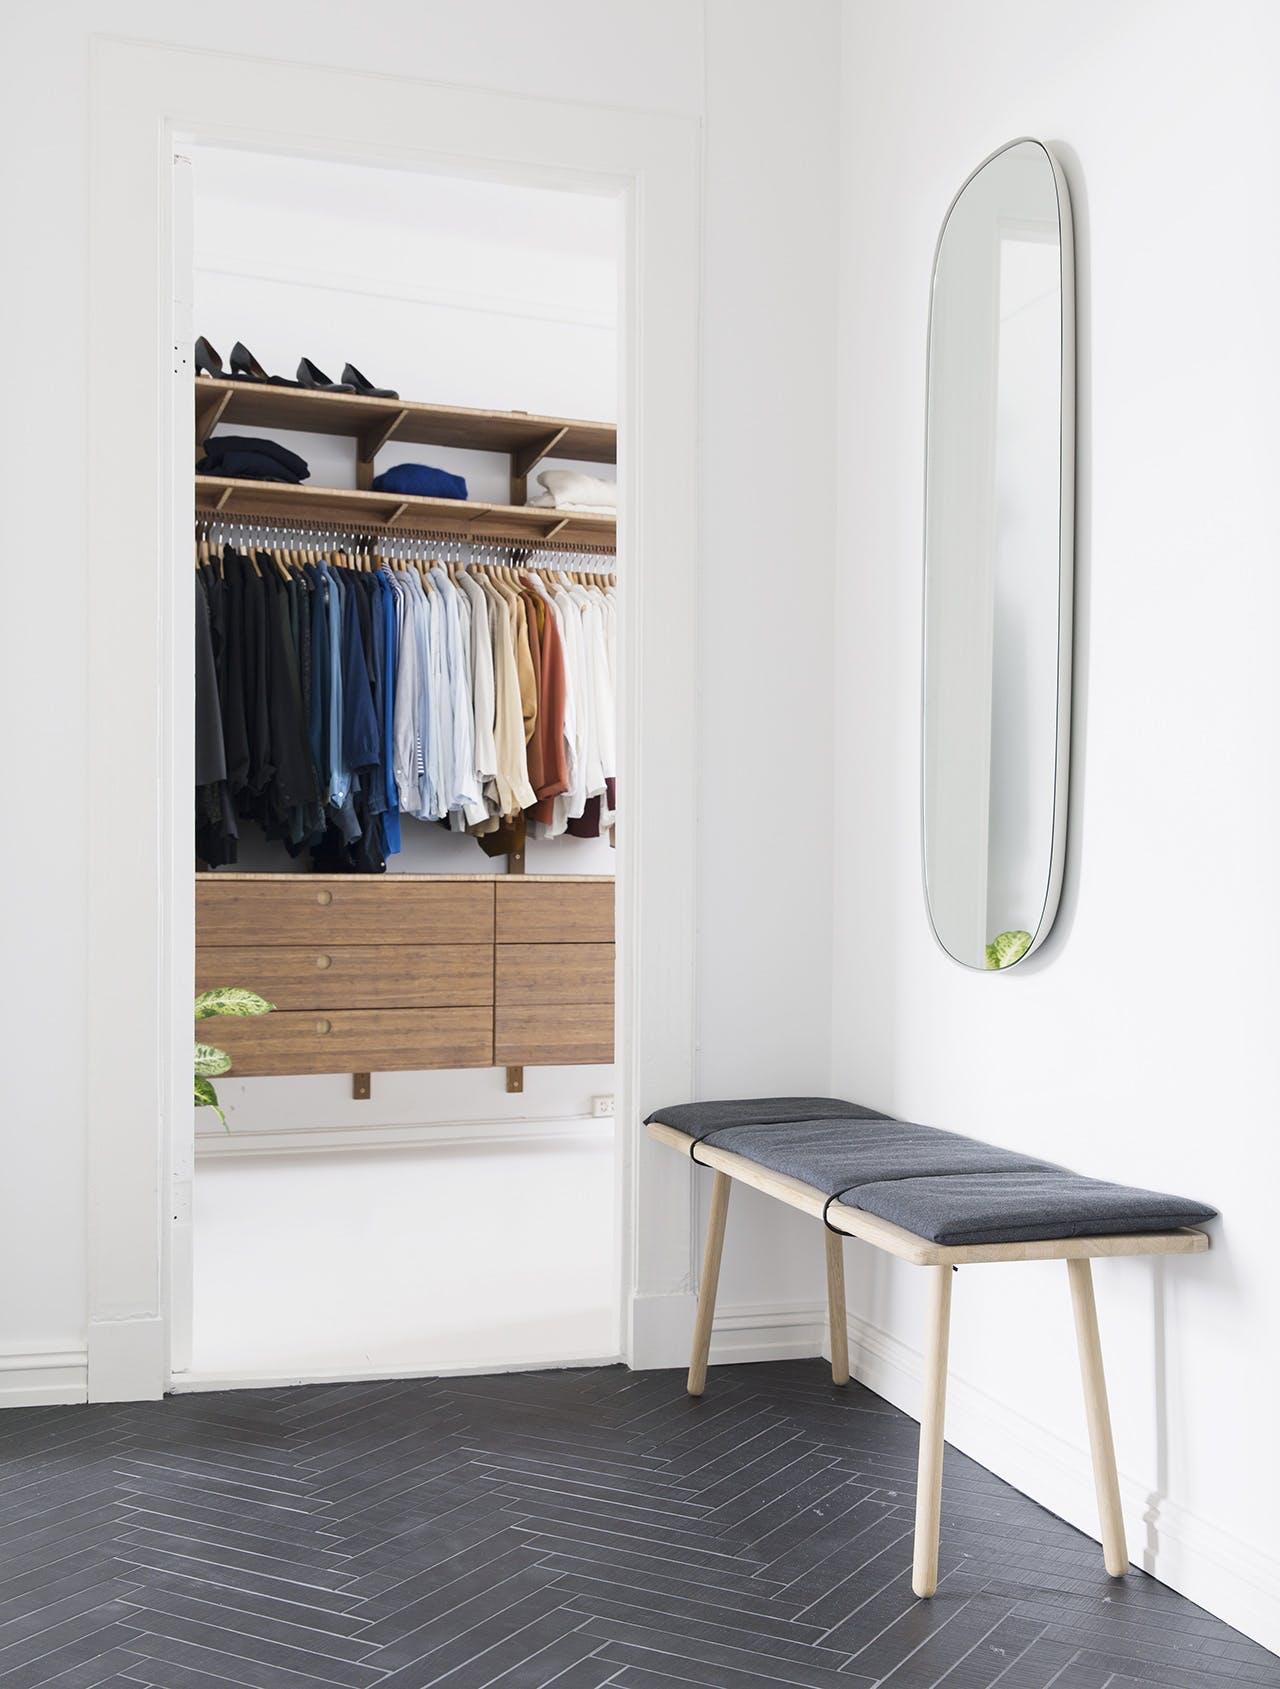 garderobe indretning skagerak bænk spejl